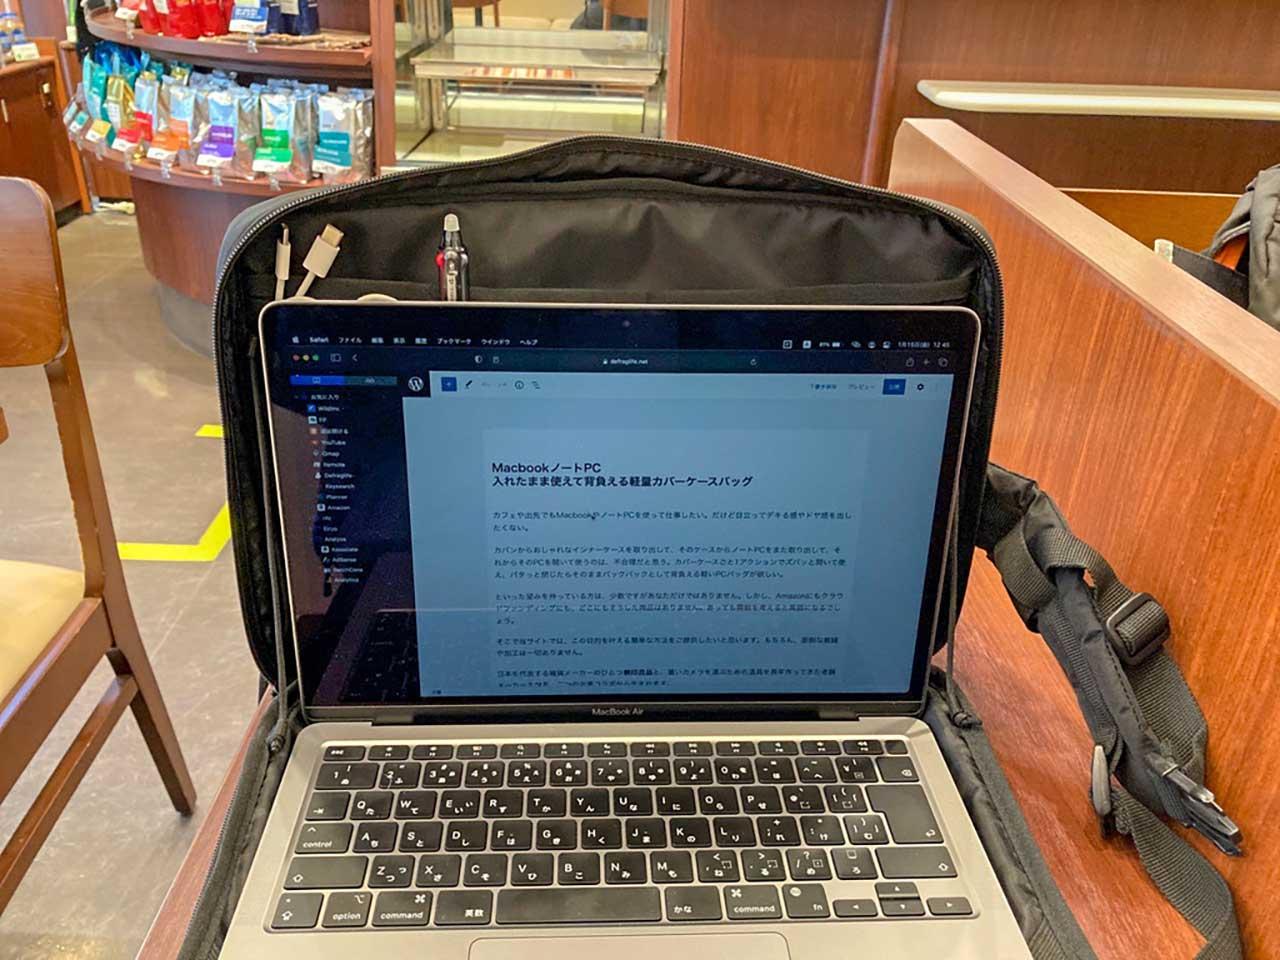 MacbookノートPC 入れたまま使え背負える軽量カバーケース